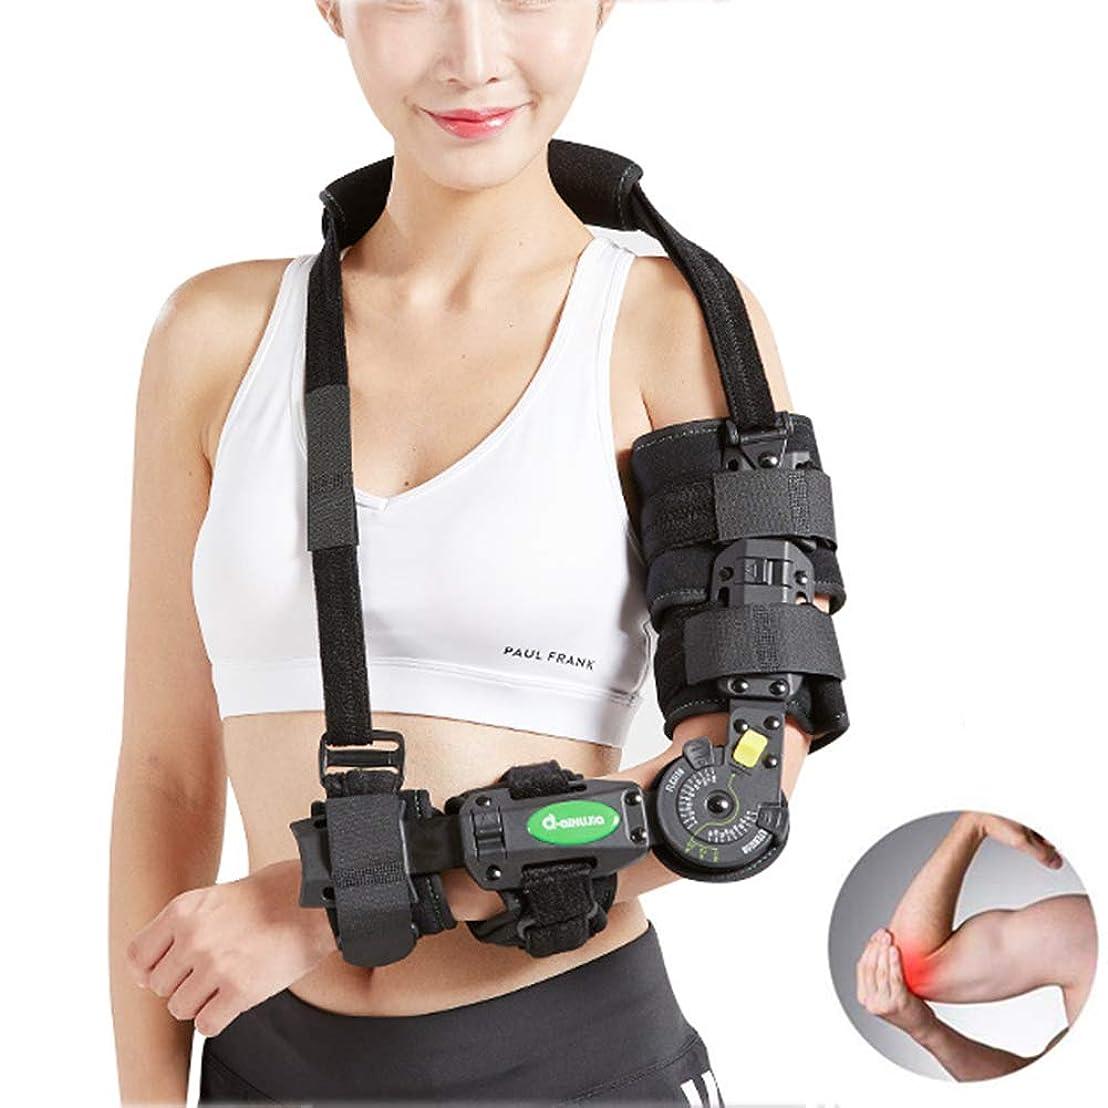 コーチそよ風一致調整可能なアームスリングヒンジ付き肘ブレースサポート、術前?術後支援サポート&骨折した腕の上昇、外傷回復、腕固定ワンサイズ - ユニセックス